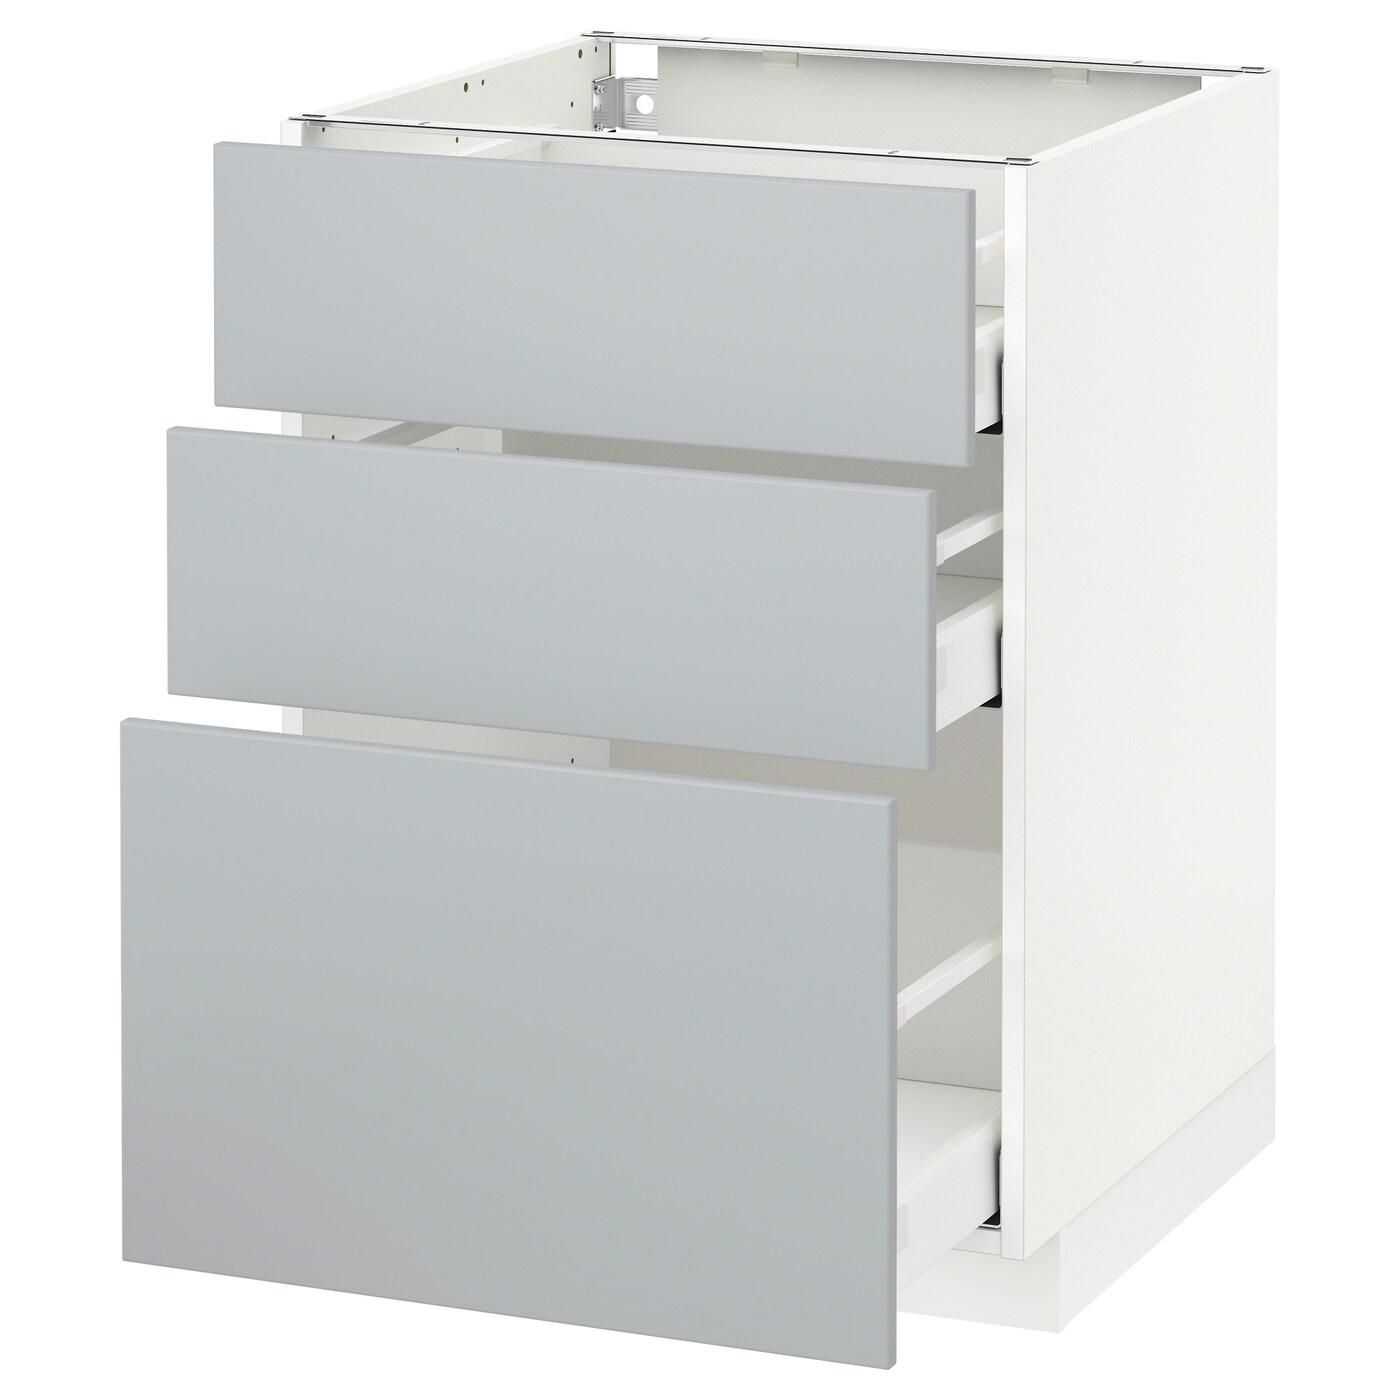 metod maximera base cabinet with 3 drawers white veddinge grey 60x60 cm